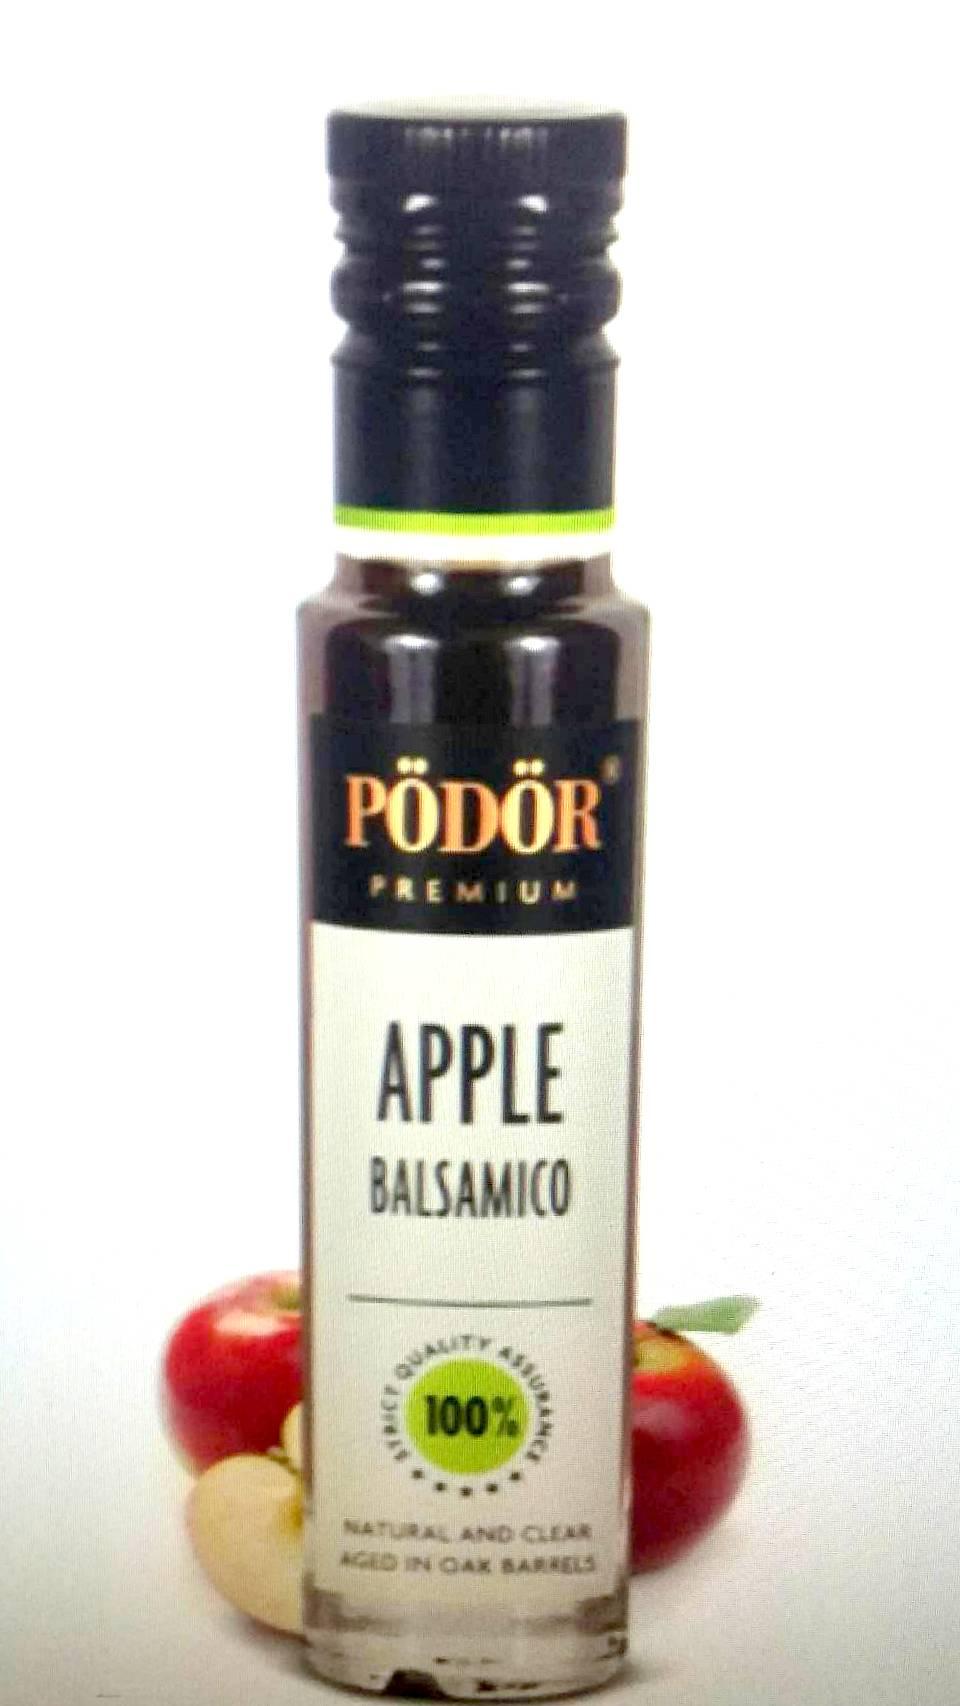 波多爾Podor~巴薩米克蘋果醋(清爽)100ml/罐